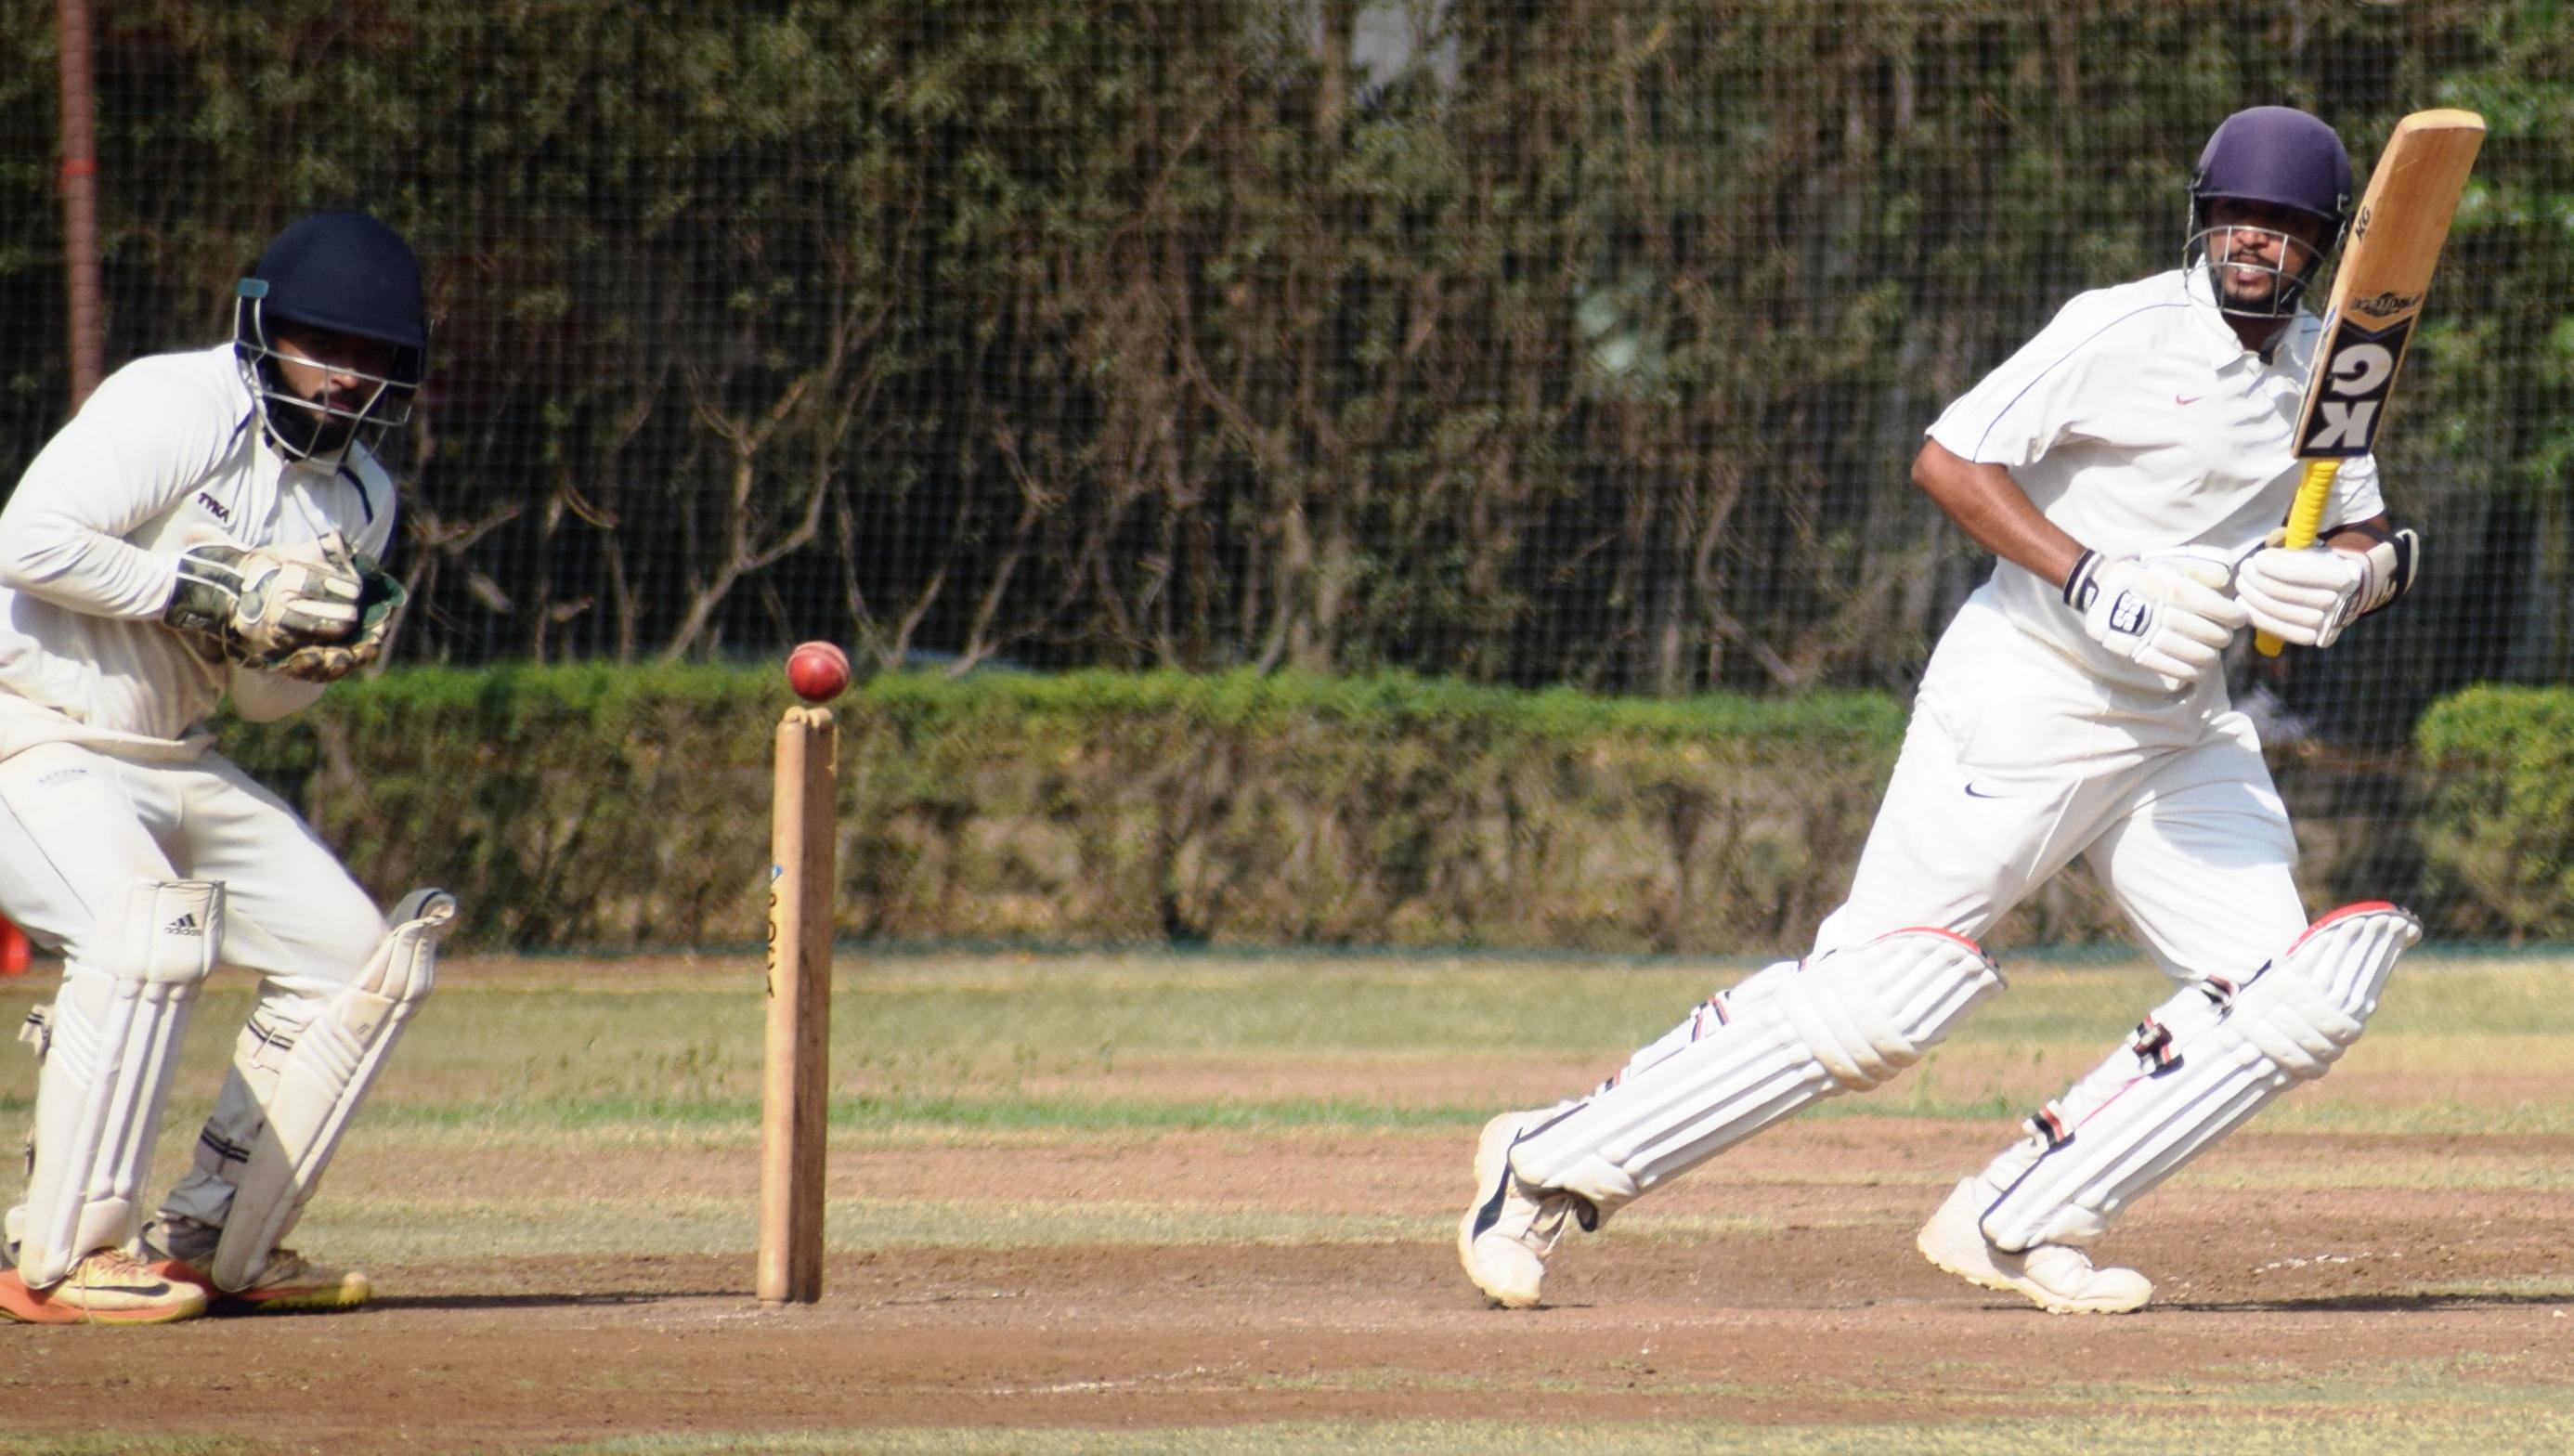 पीवायसी-गोल्डफिल्ड-मांडके चषक क्रिकेट स्पर्धेत पहिल्या दिवसाअखेर केडन्स संघाचे वर्चस्व